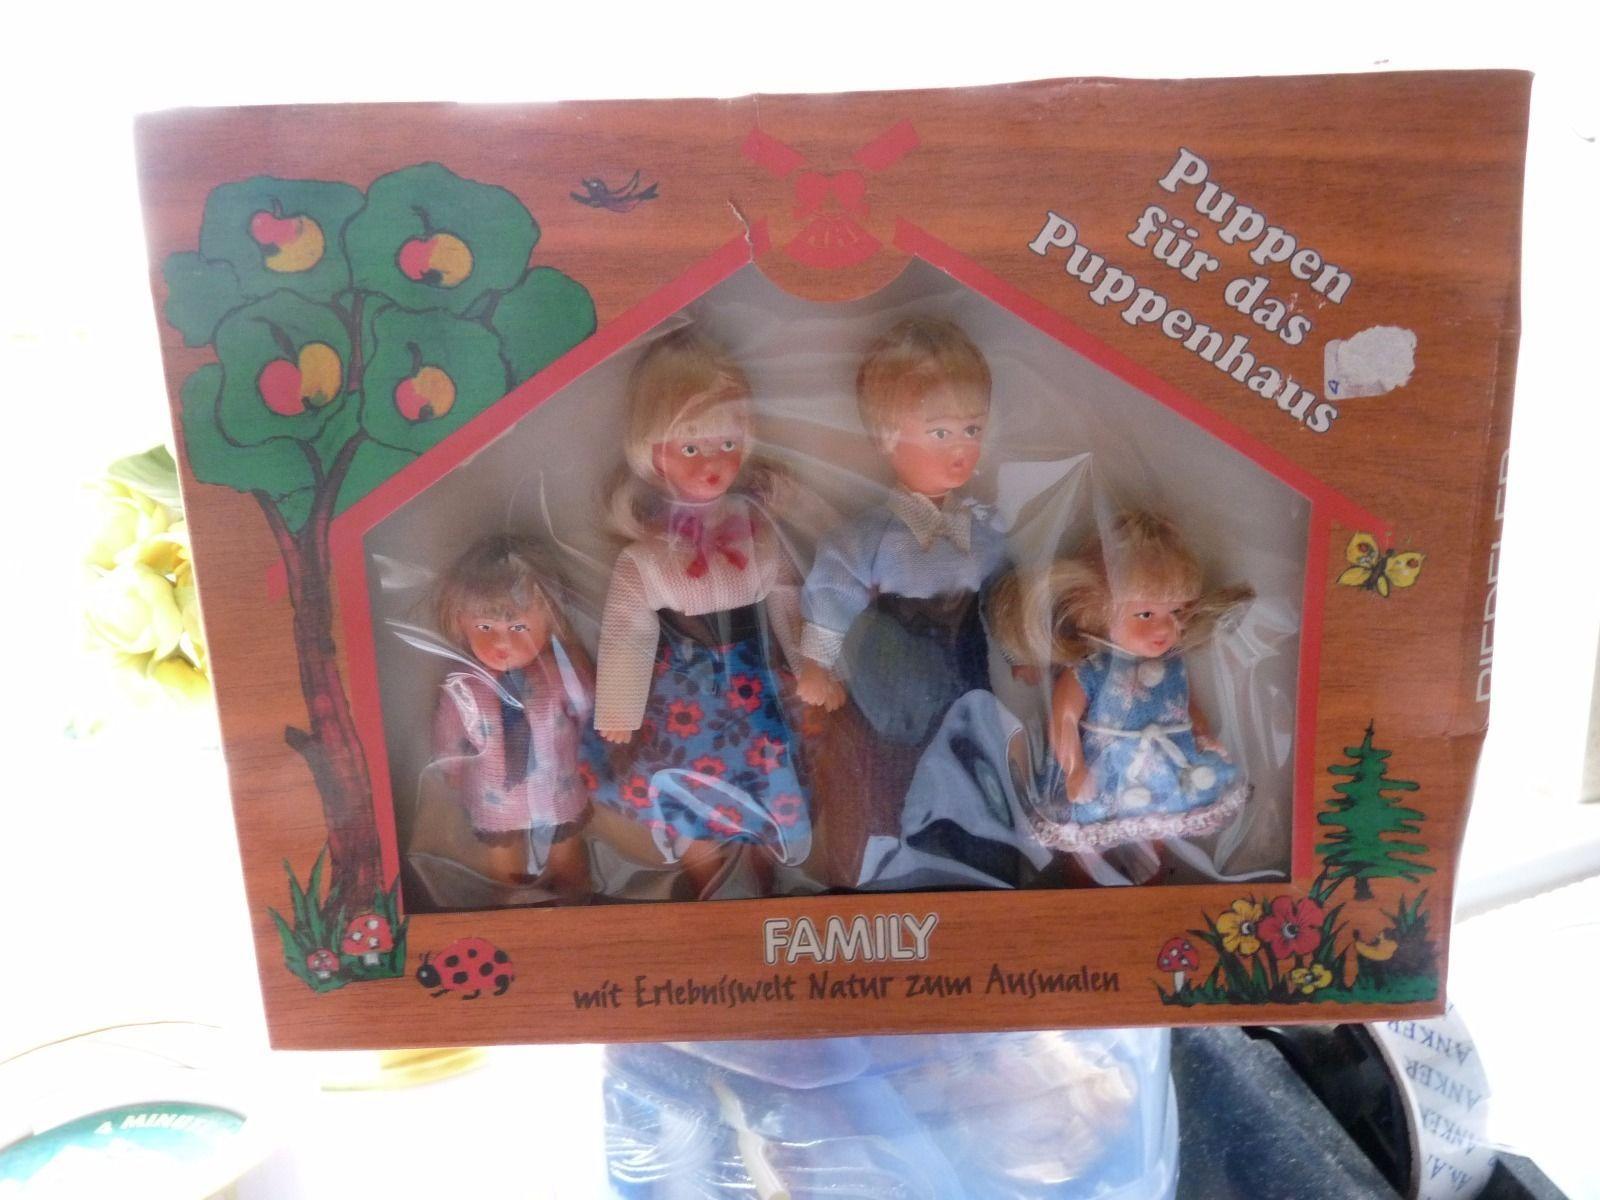 VINTAGE DOLLS HOUSE FAMILY BOX SET OF DOLLS | eBay